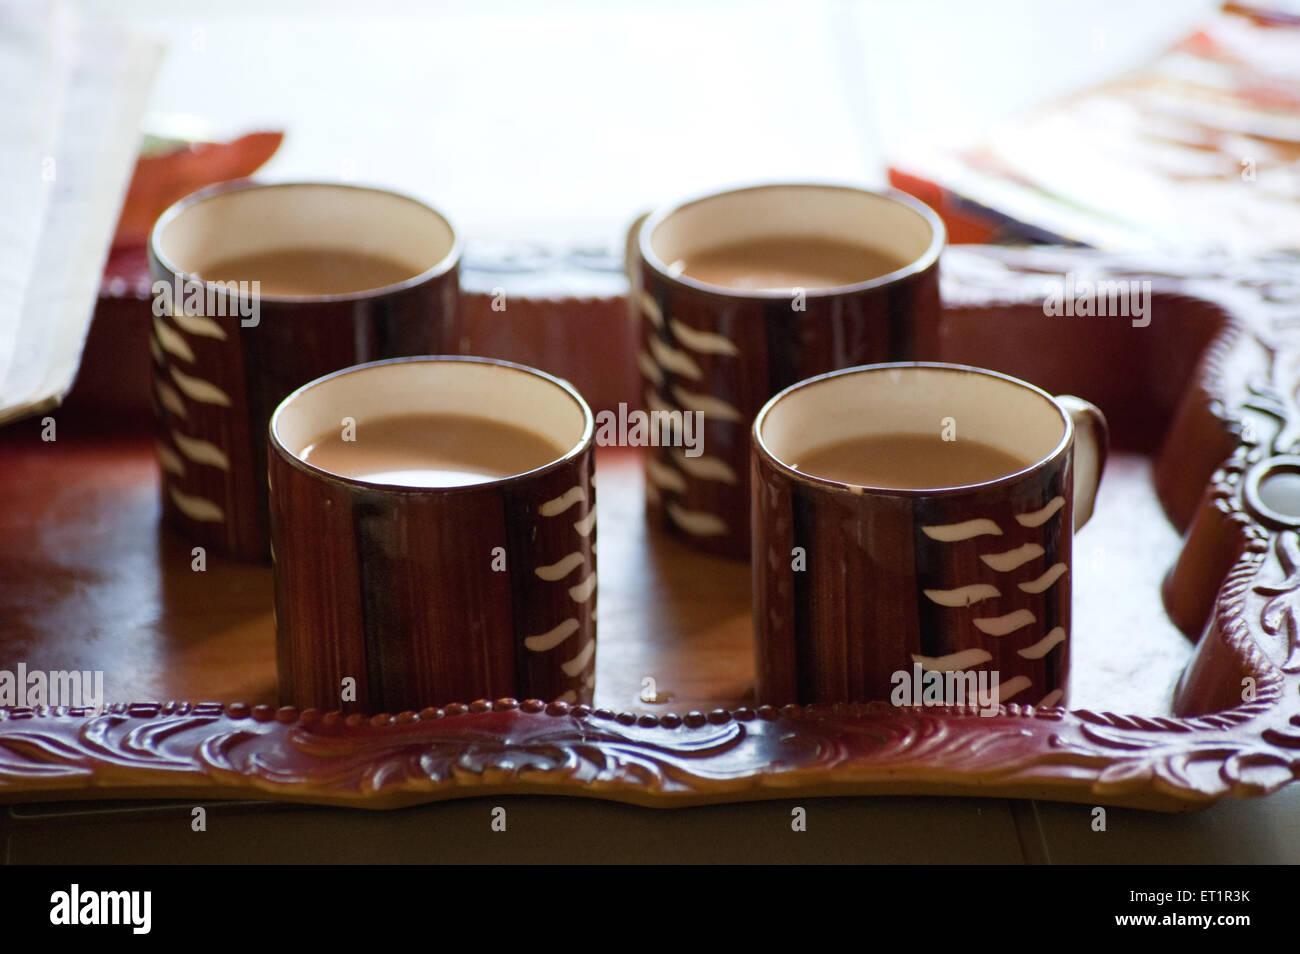 Getränke; Teetassen in Plastikbehälter Stockbild